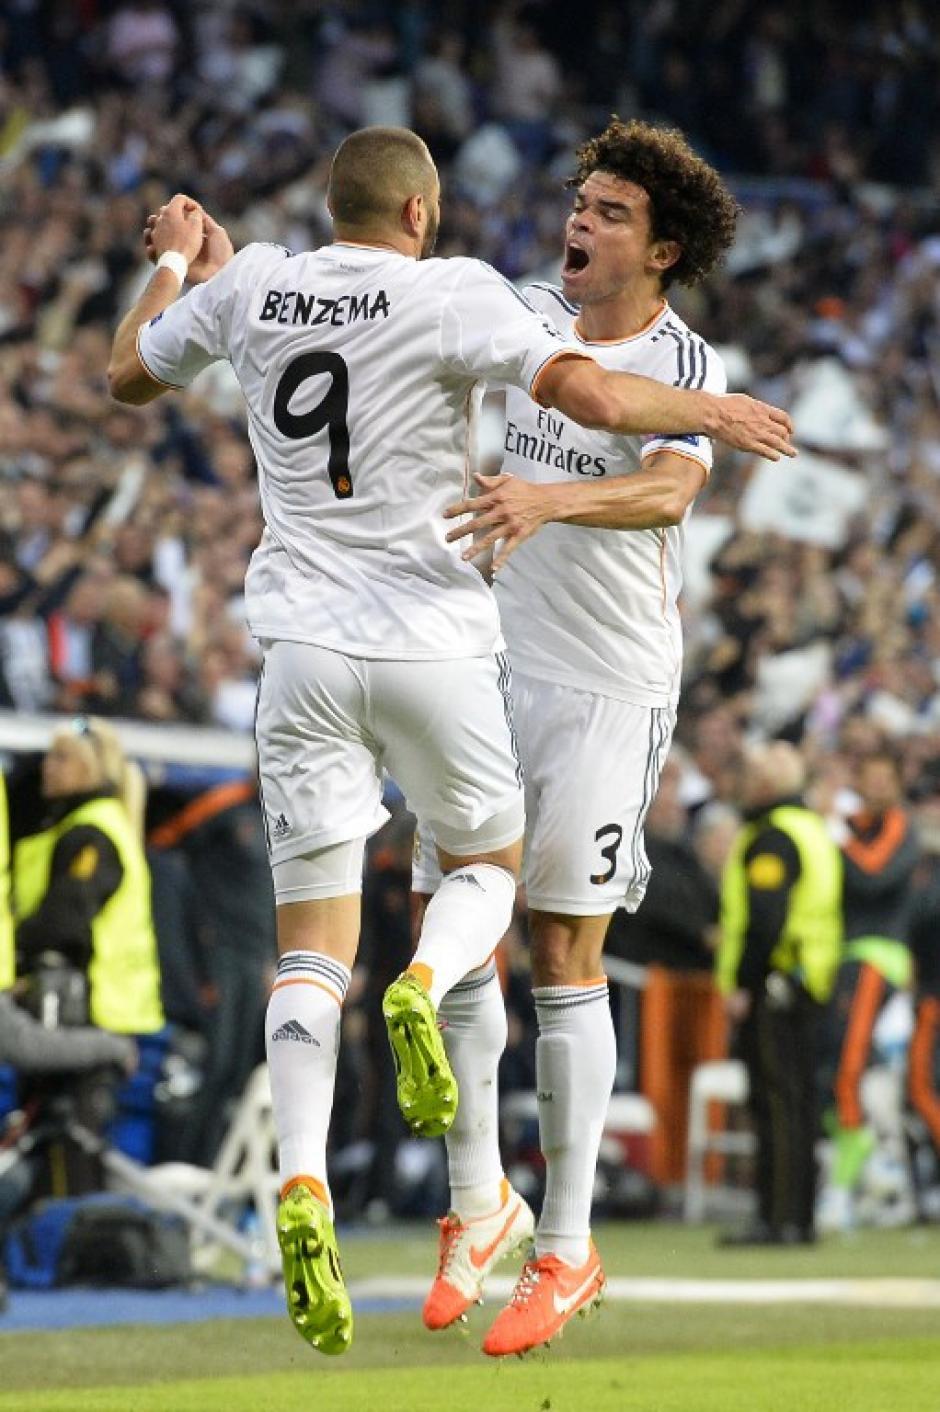 Pepe y Benzema saltan para celebrar el gol merengue. (Foto: AFP)